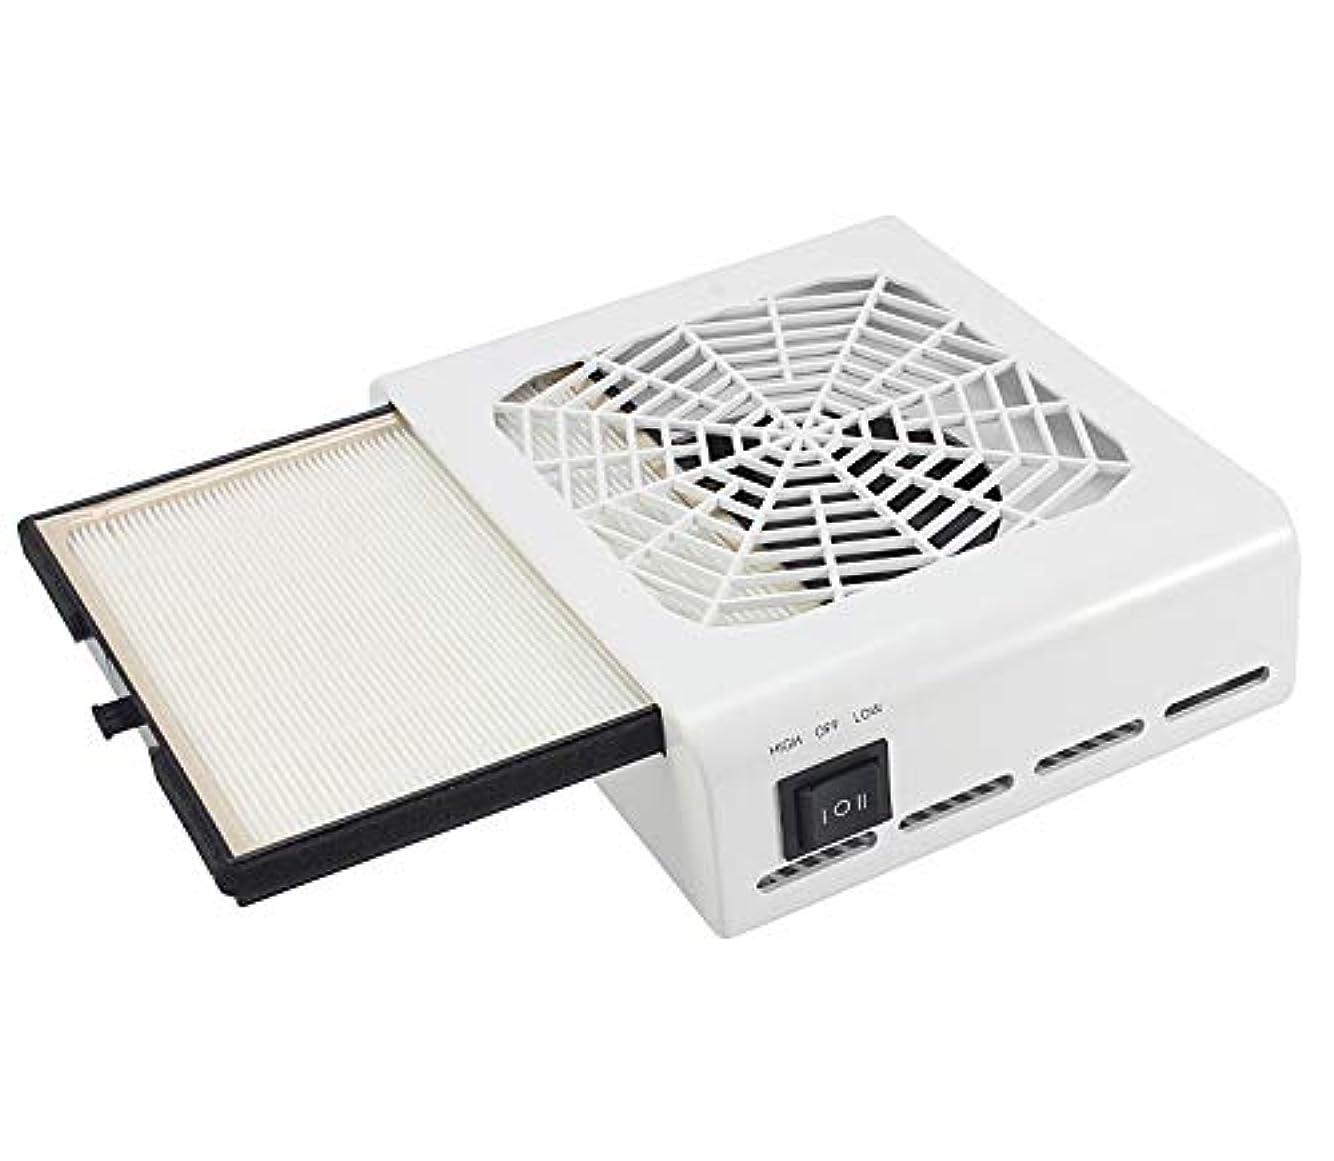 主導権こだわり労働者ネイルダスト 集塵機 ジェルネイル ネイル機器 最新版 セルフネイル 低騒音 110V 40W パワー調節可能 白